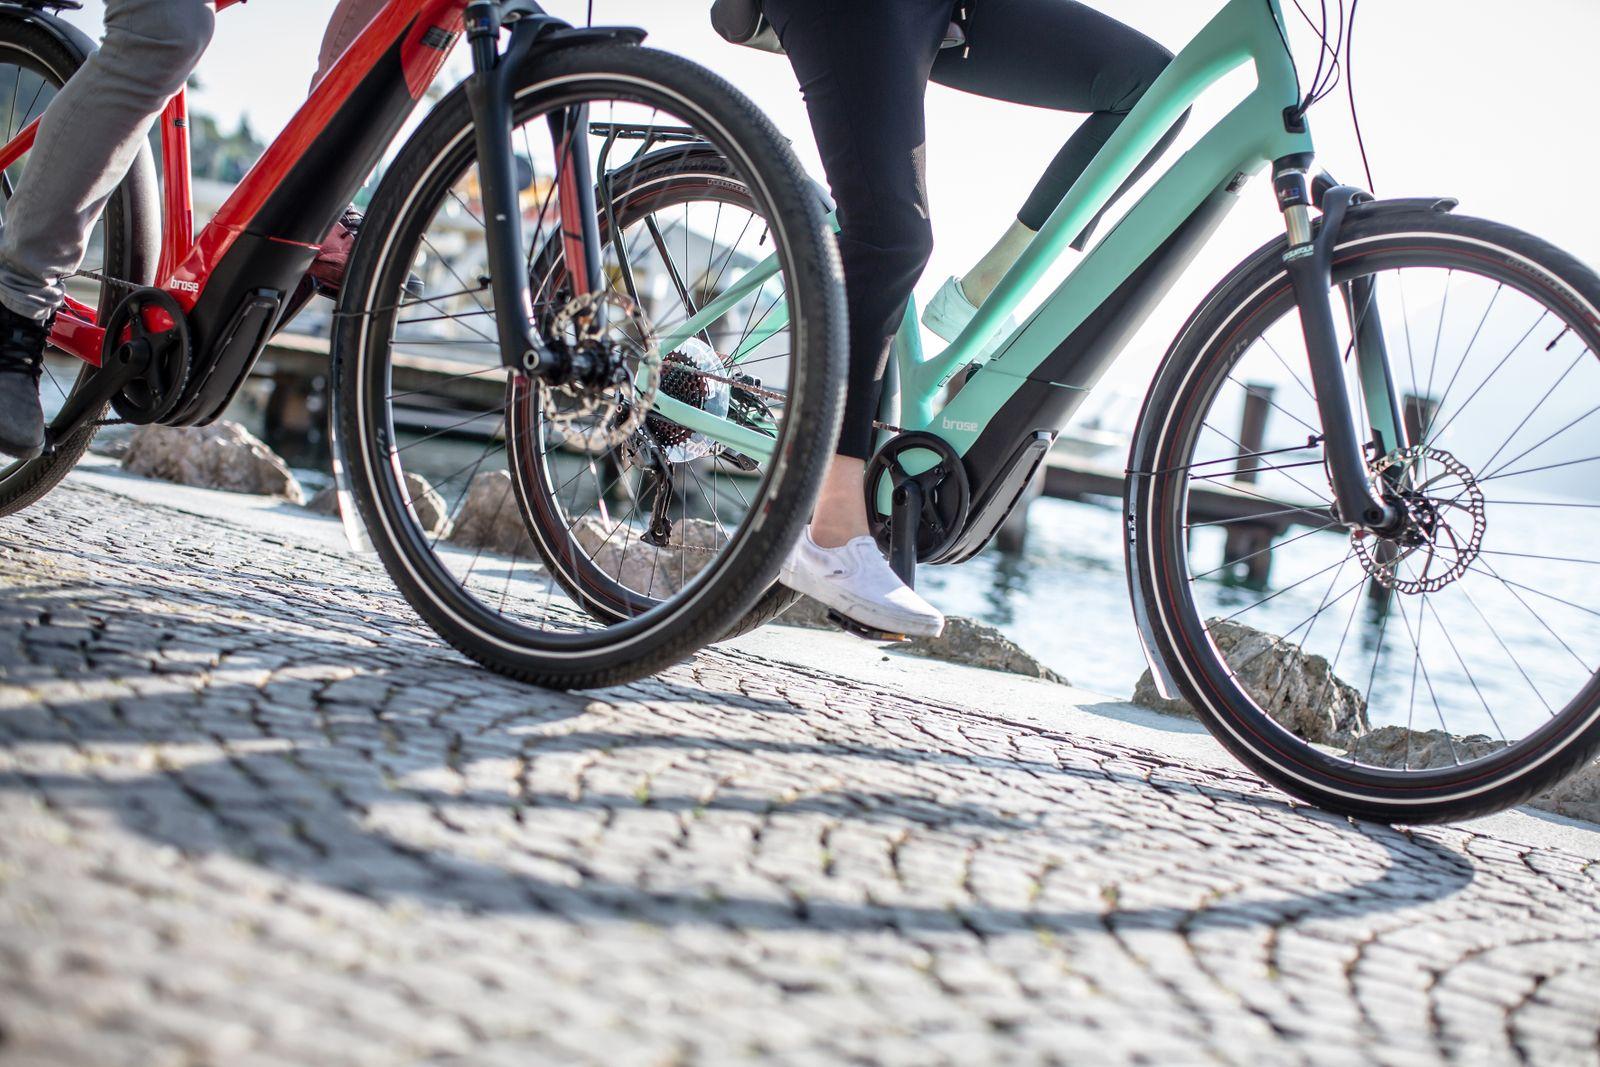 E-Bike / ebike / Elektrofahrrad